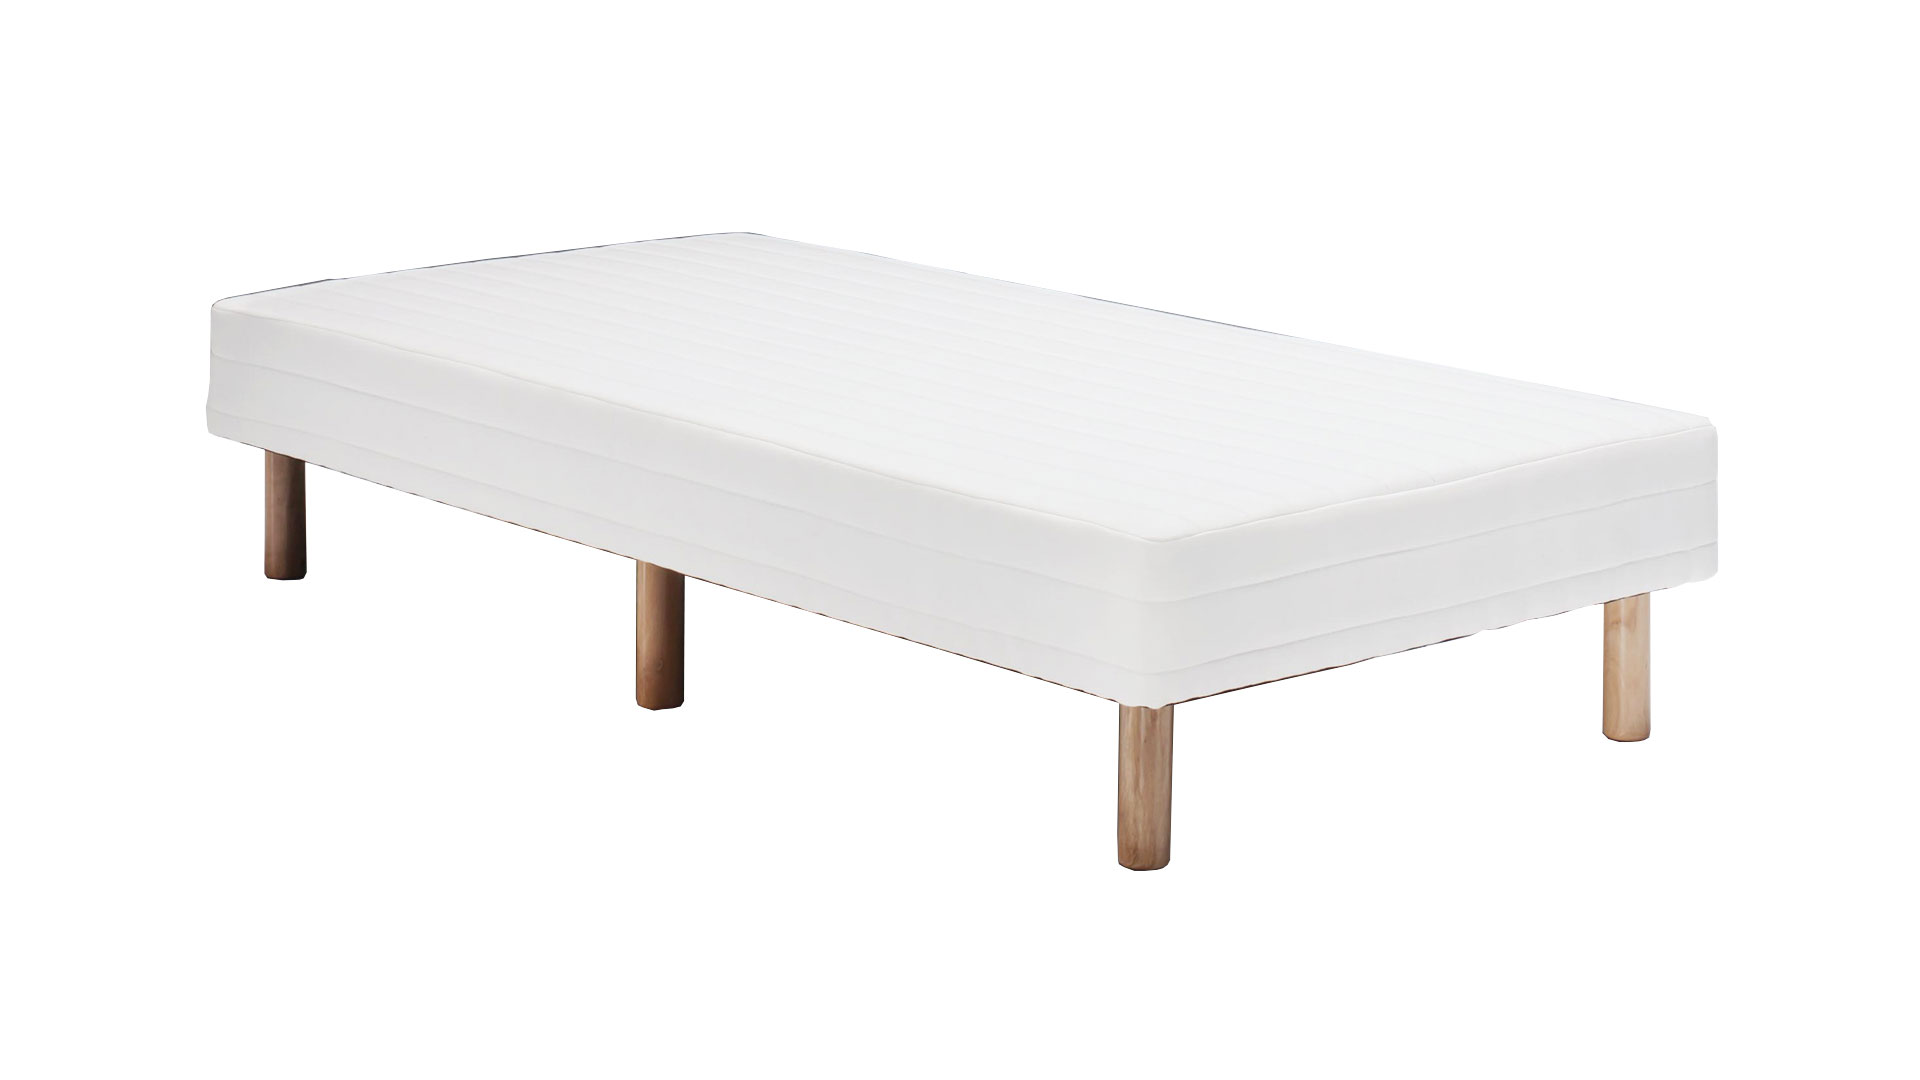 白のシングルサイズの脚付きマットレスベッド、ボトムベッドの画像